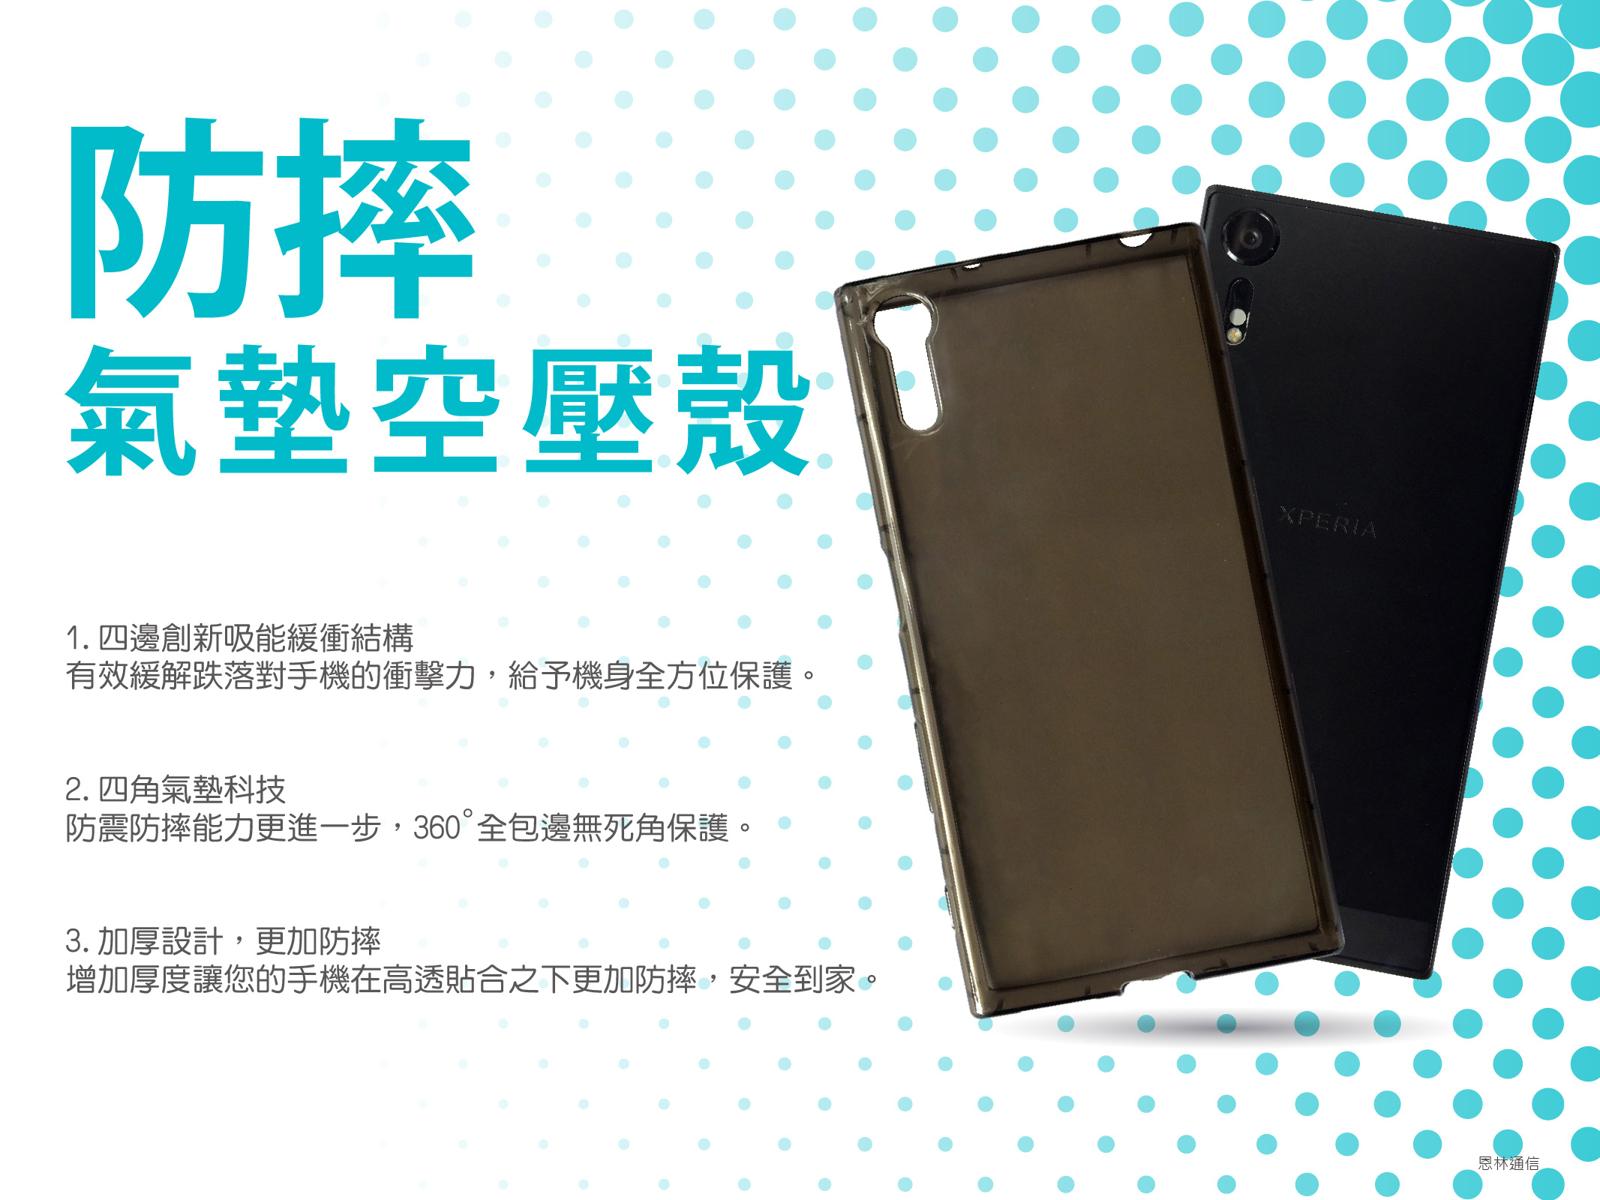 氣墊防摔殼ASUS ZenFone GO ZB500KL X00ADA 5吋空壓殼透明殼軟殼套背殼套保護套保護殼手機套